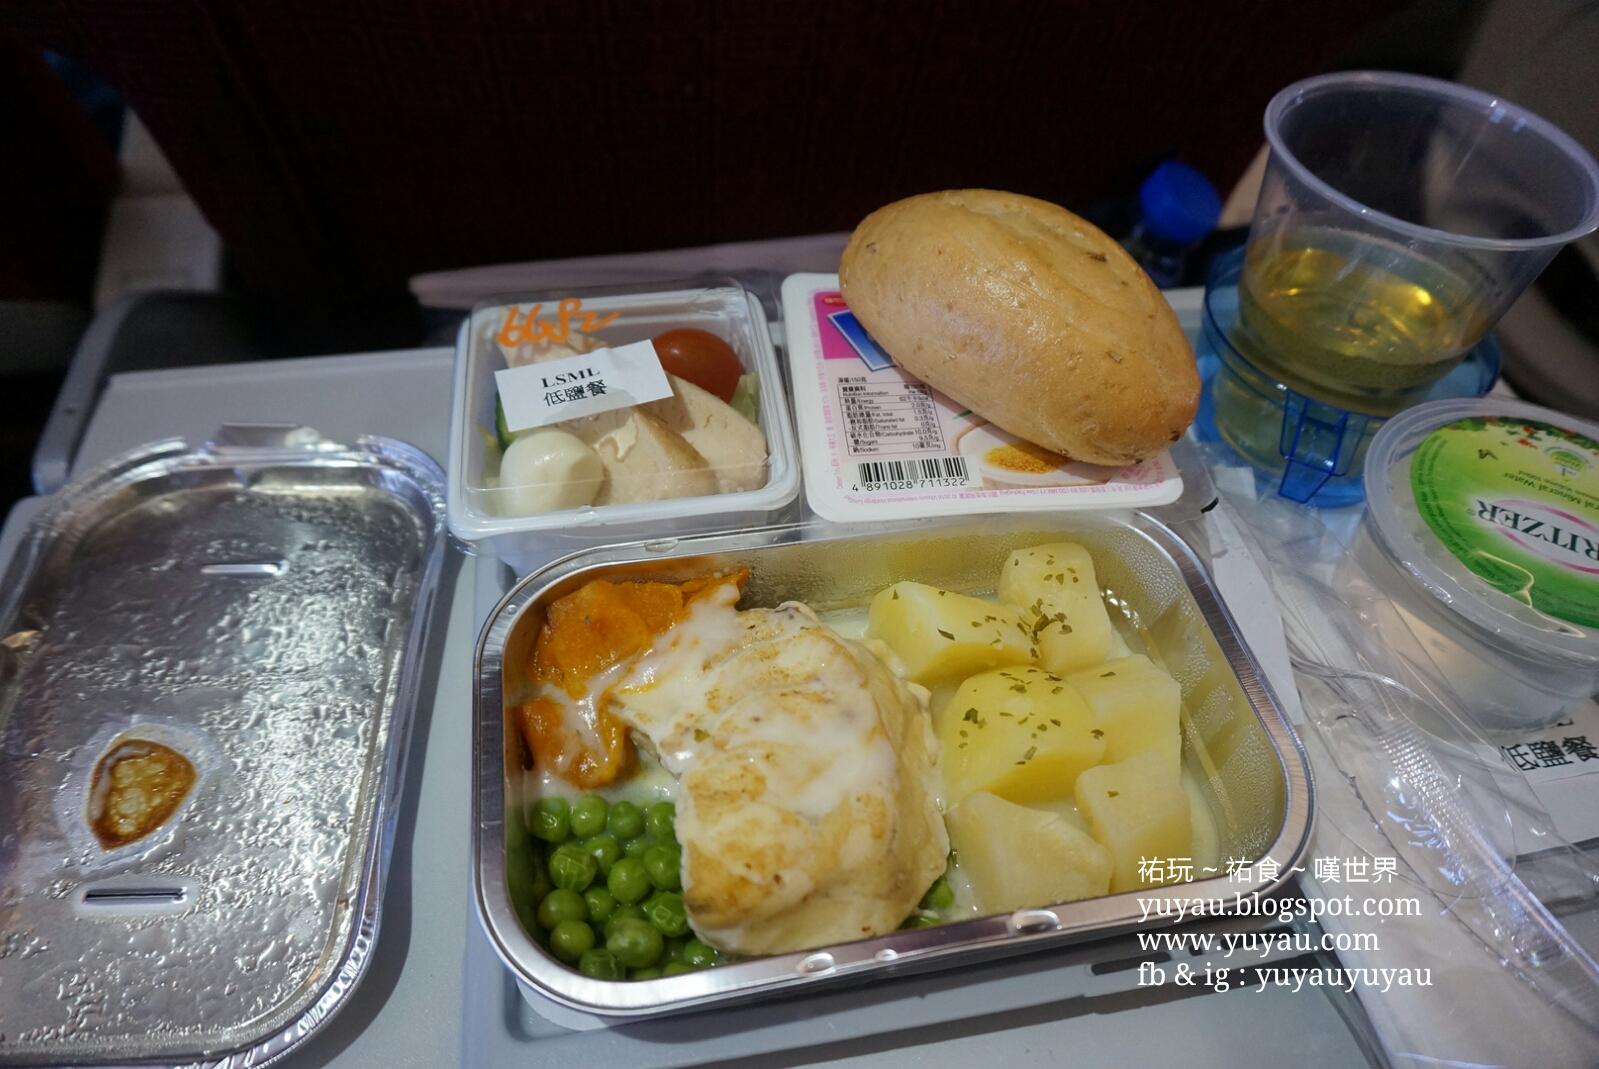 祐玩~祐食~歎世界: 飛行體驗 [飛機餐] - 香港航空 低鹽特別餐 Low sodium meal